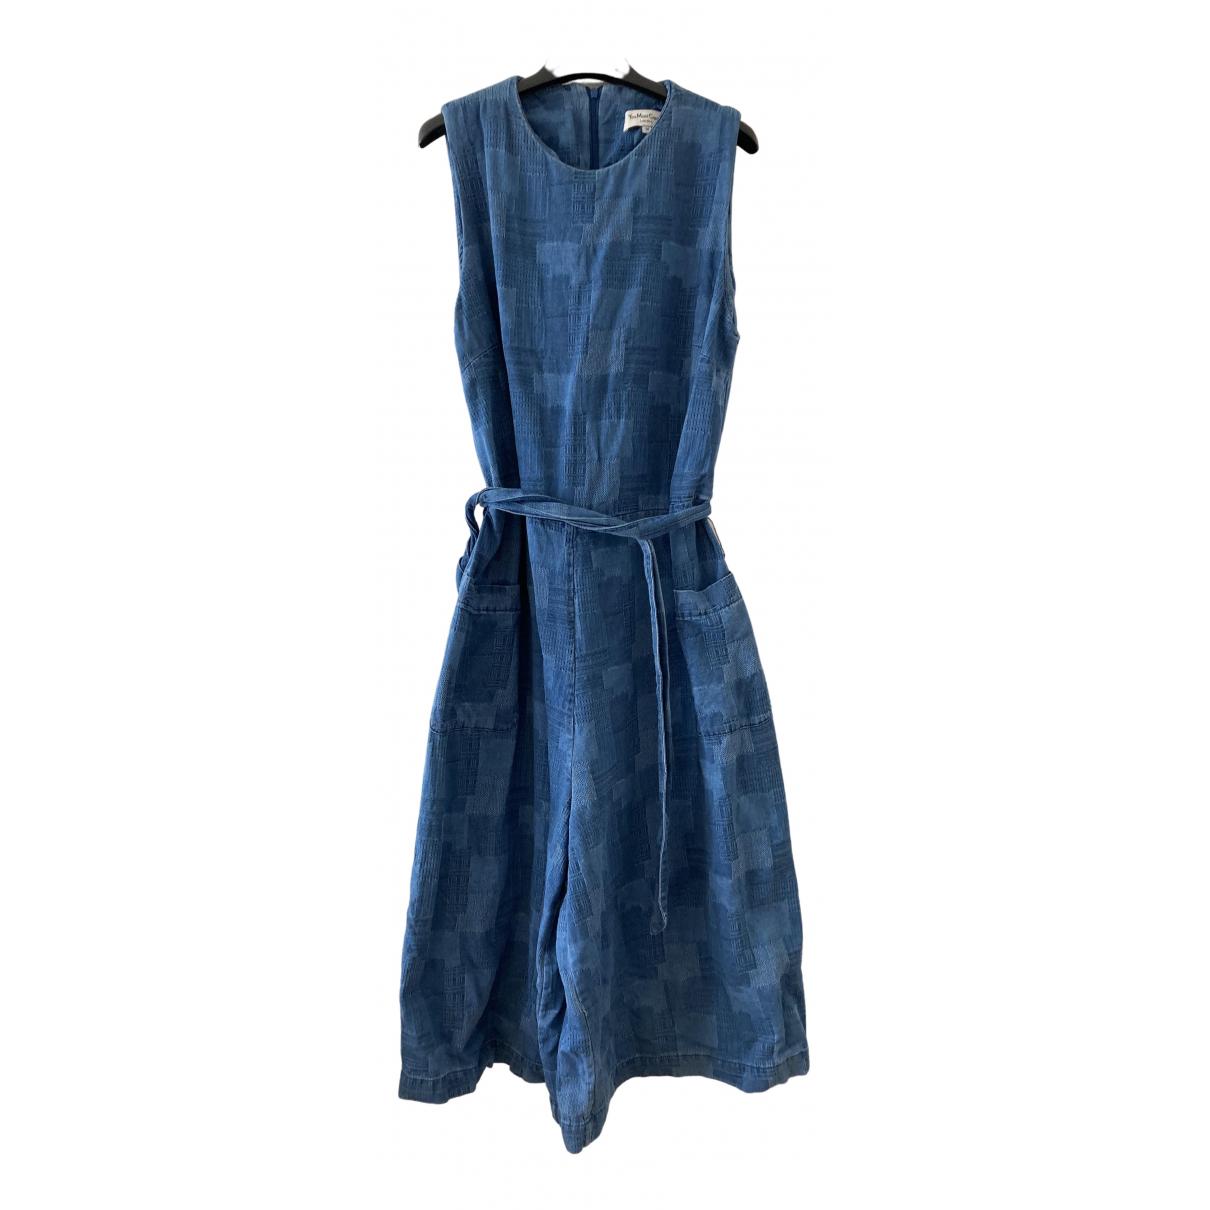 Ymc - Combinaison   pour femme en denim - bleu